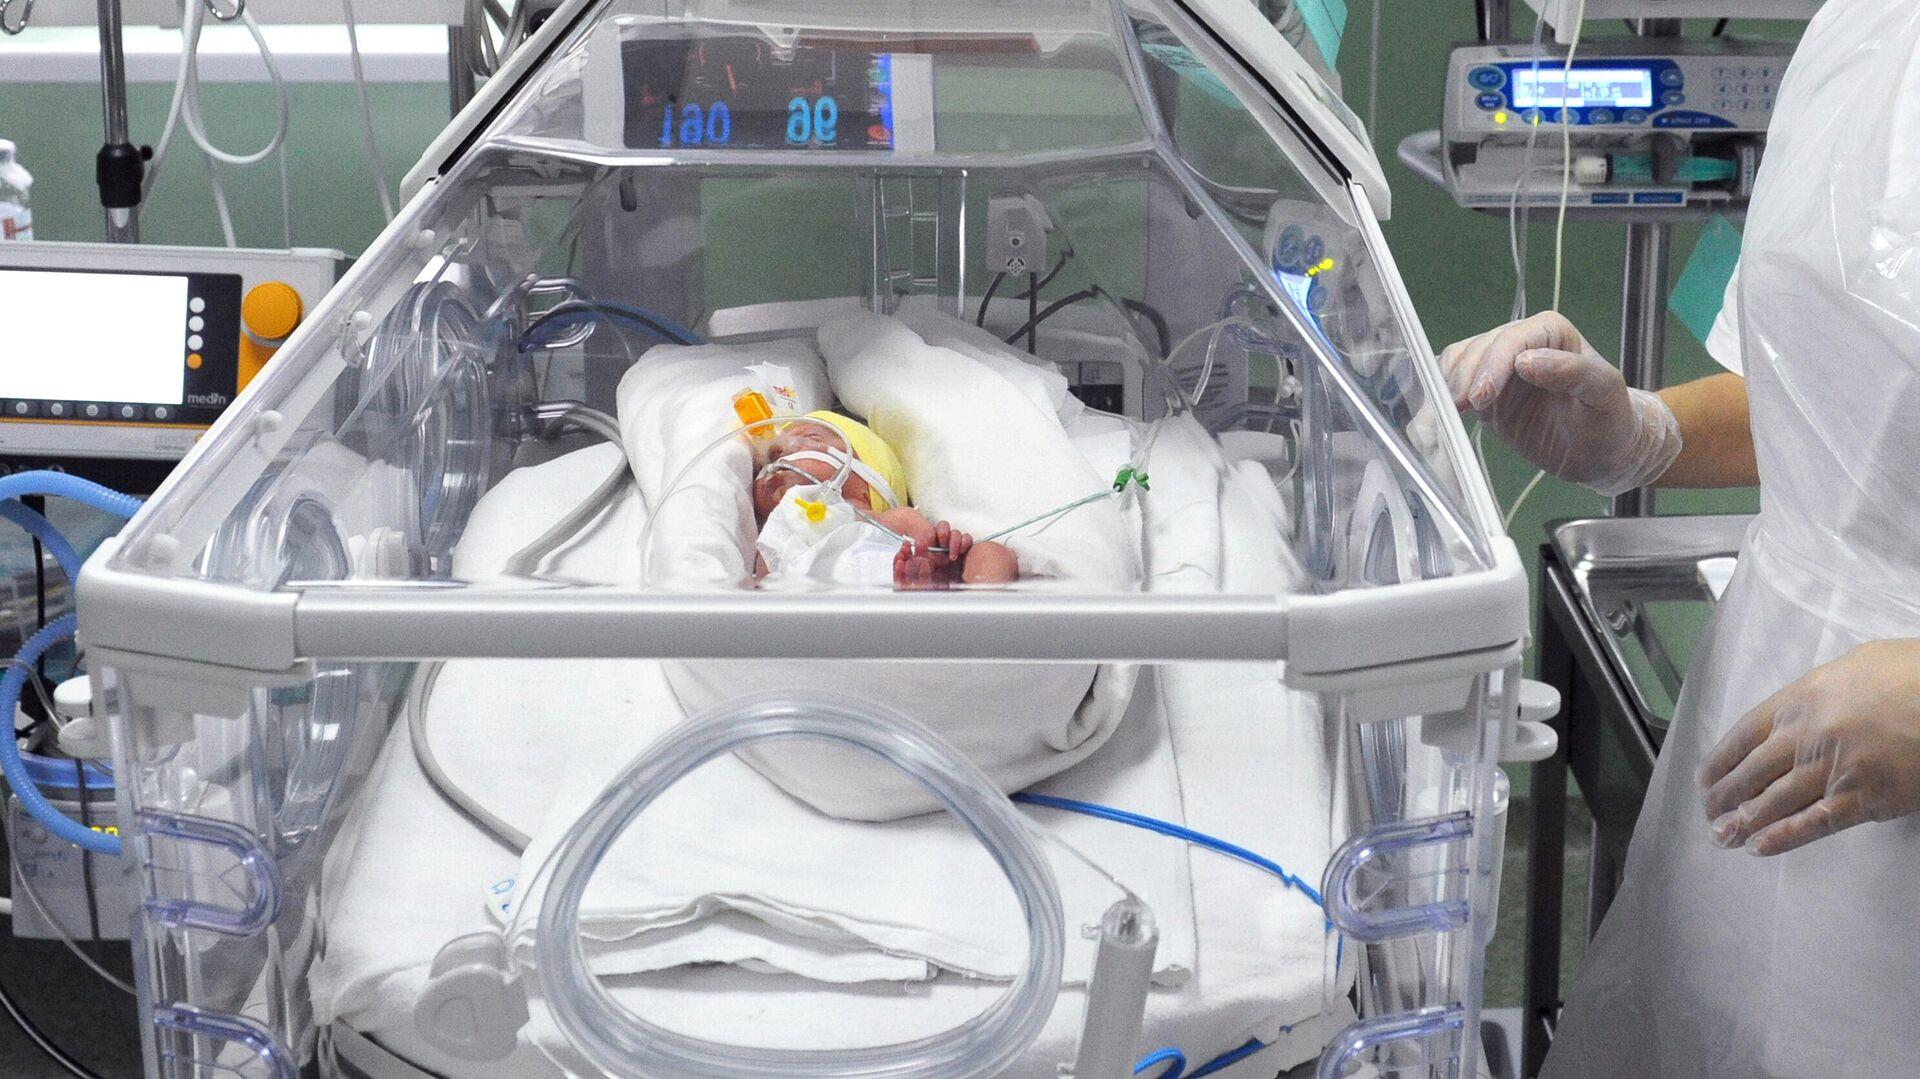 Кувез в отделение реанимации и интенсивной терапии новорожденных - РИА Новости, 1920, 12.11.2020